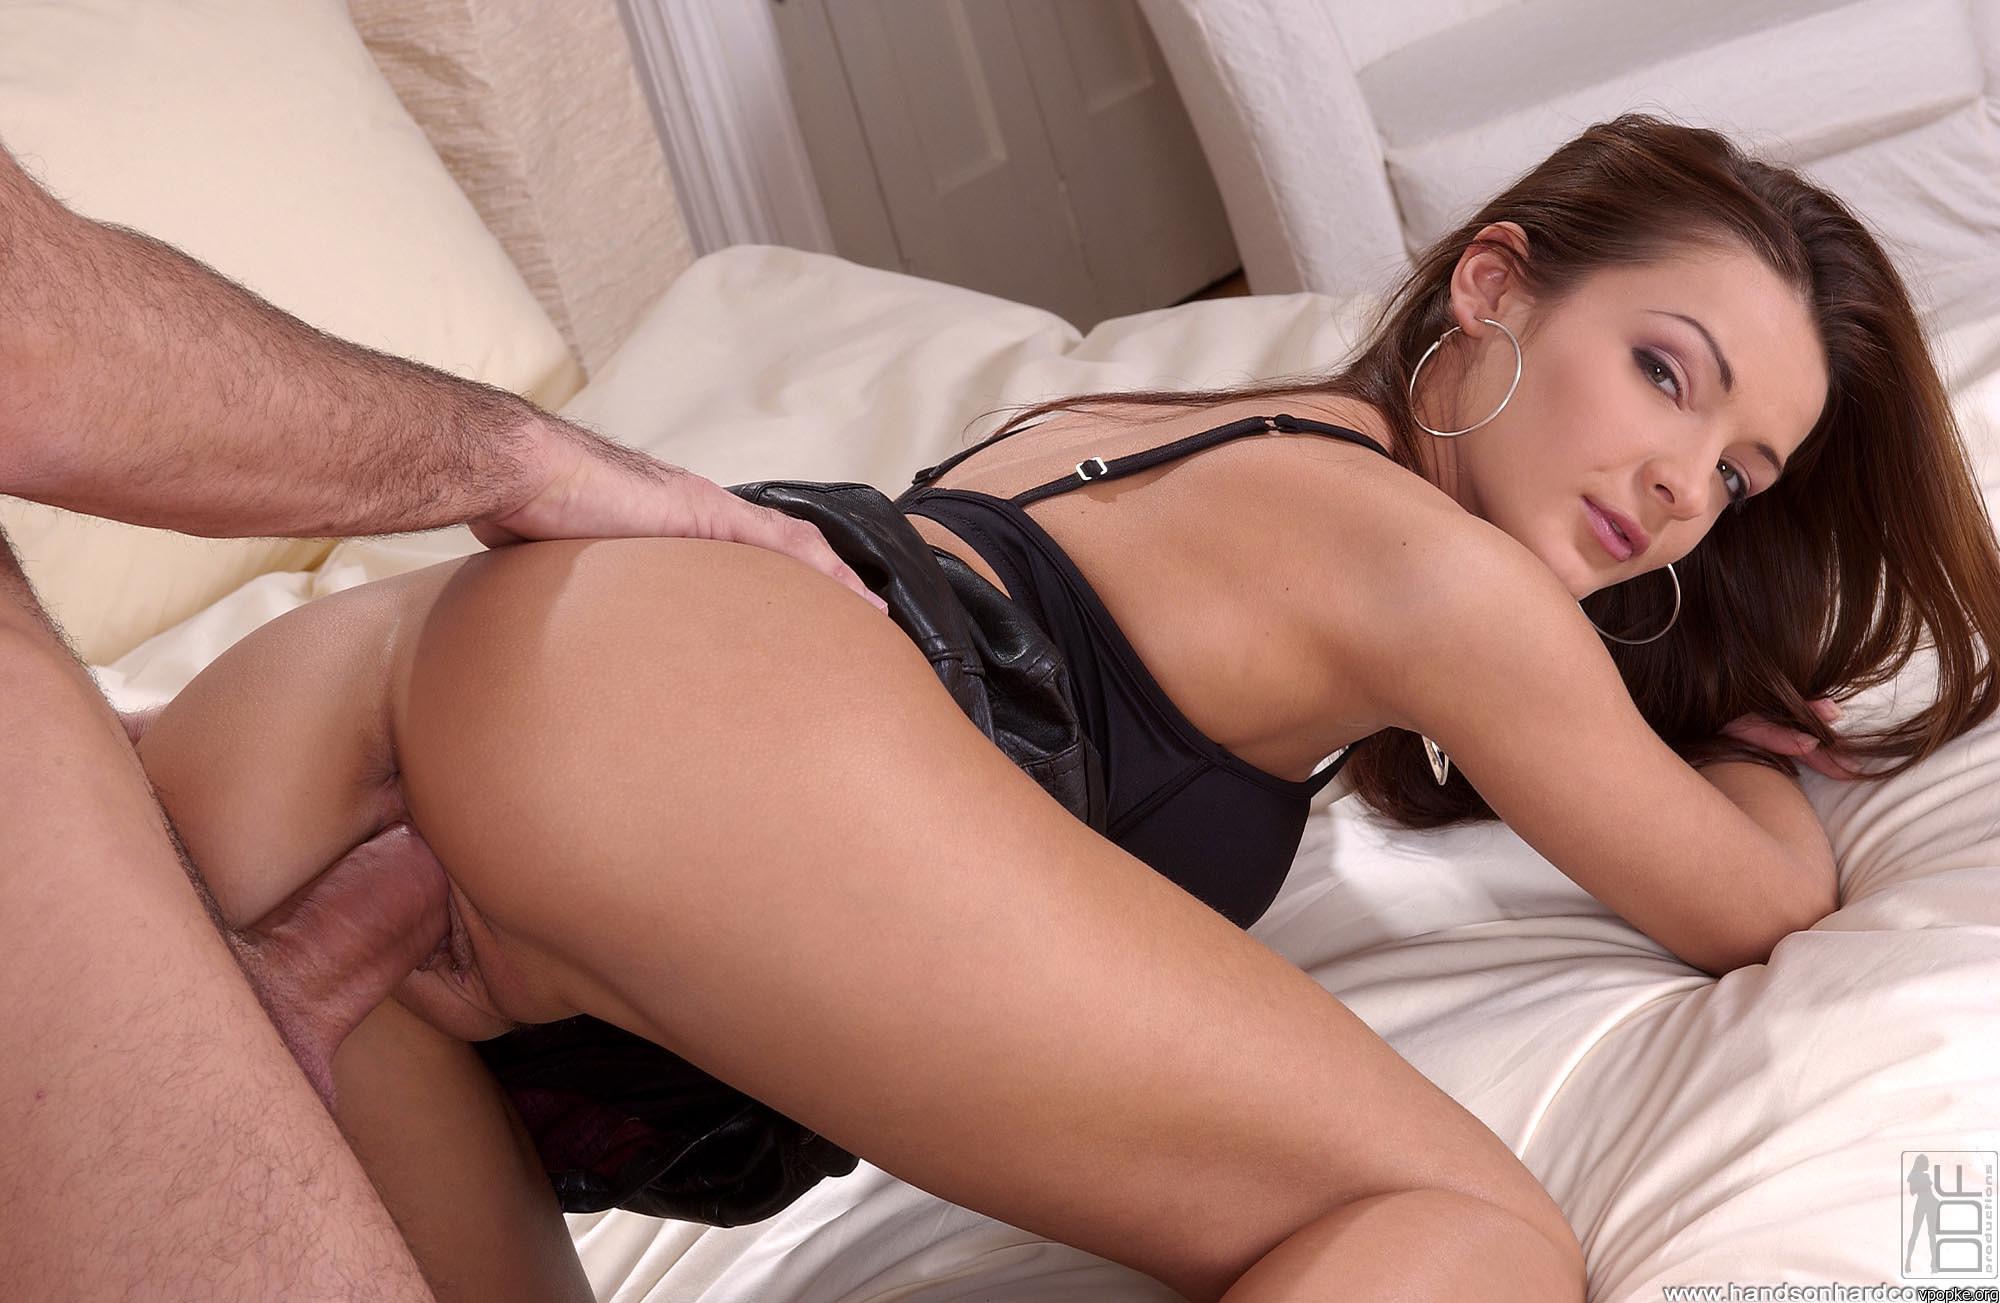 Смотреть порно ролики на айпад инцест 14 фотография